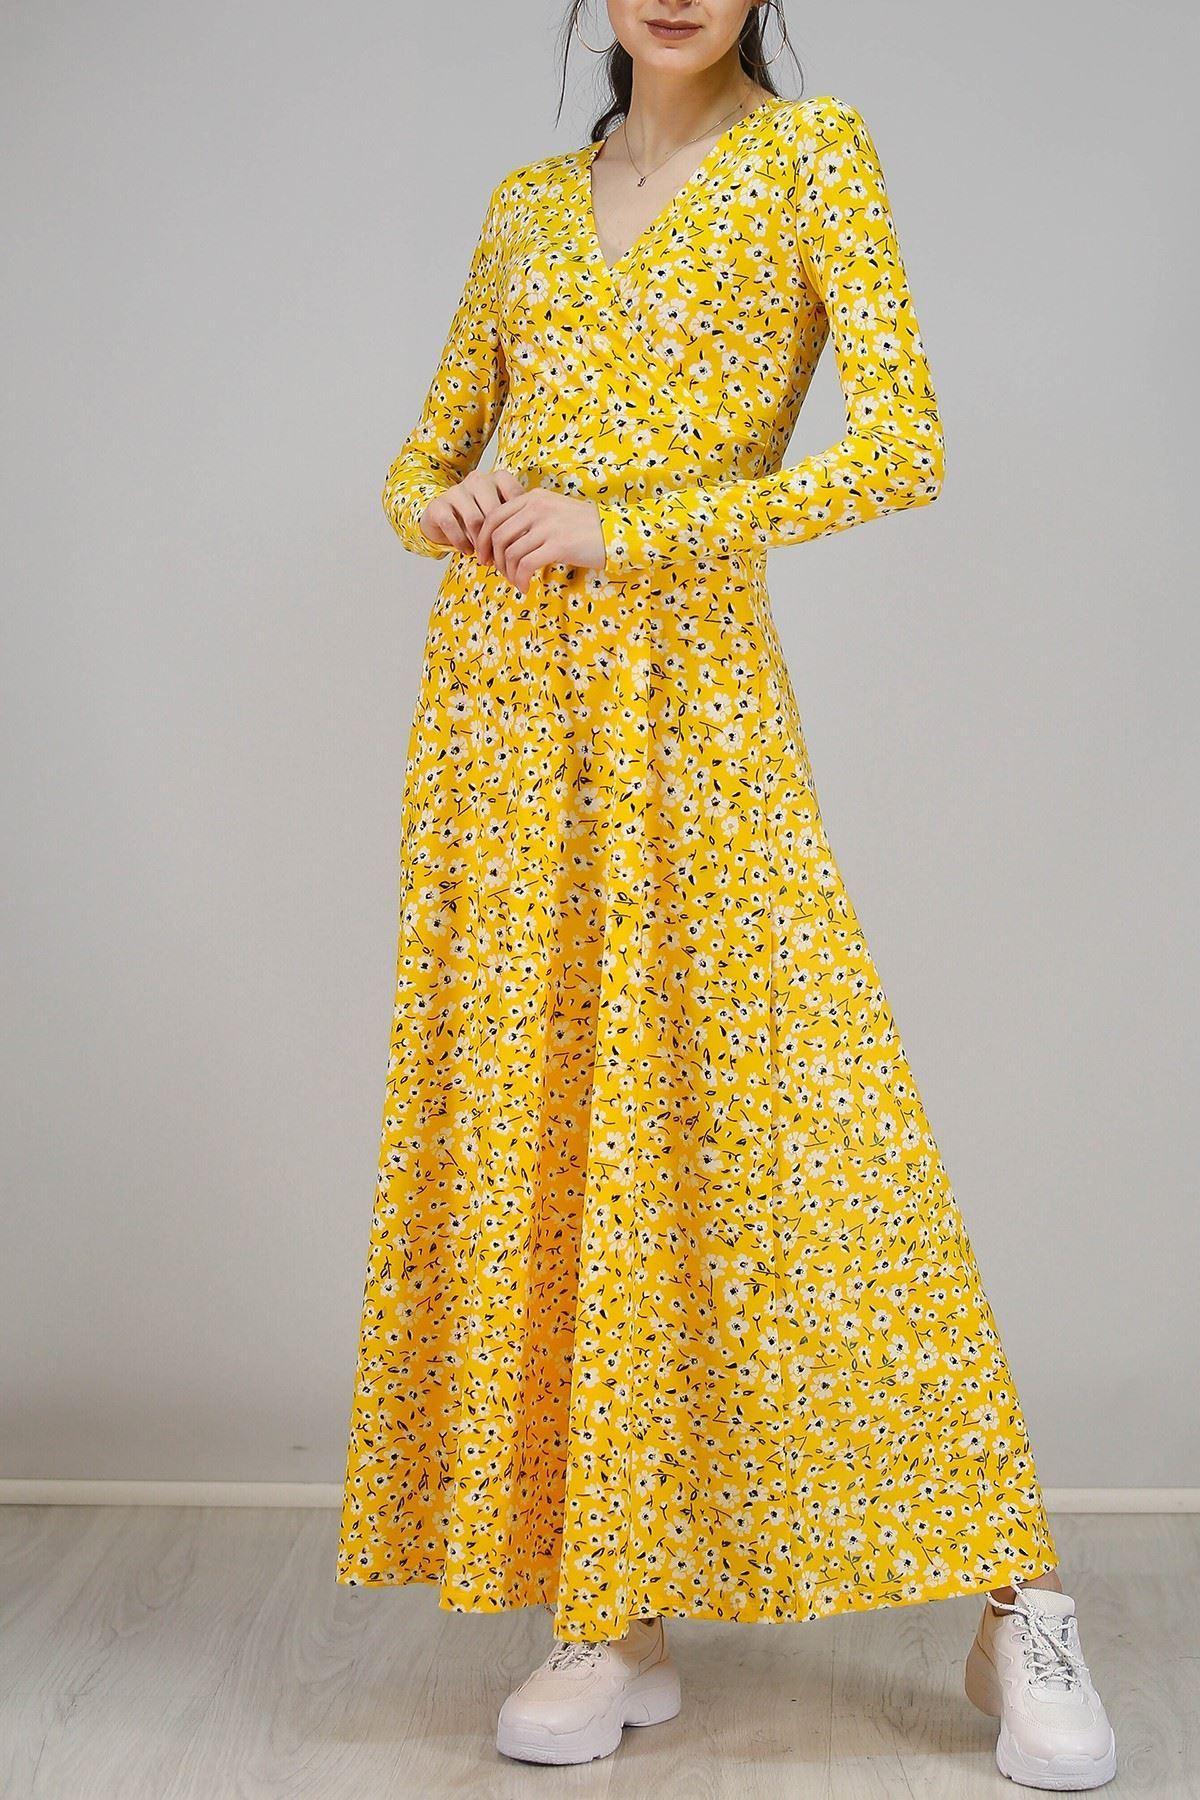 Çiçekli Elbise Sarı - 4987.716.